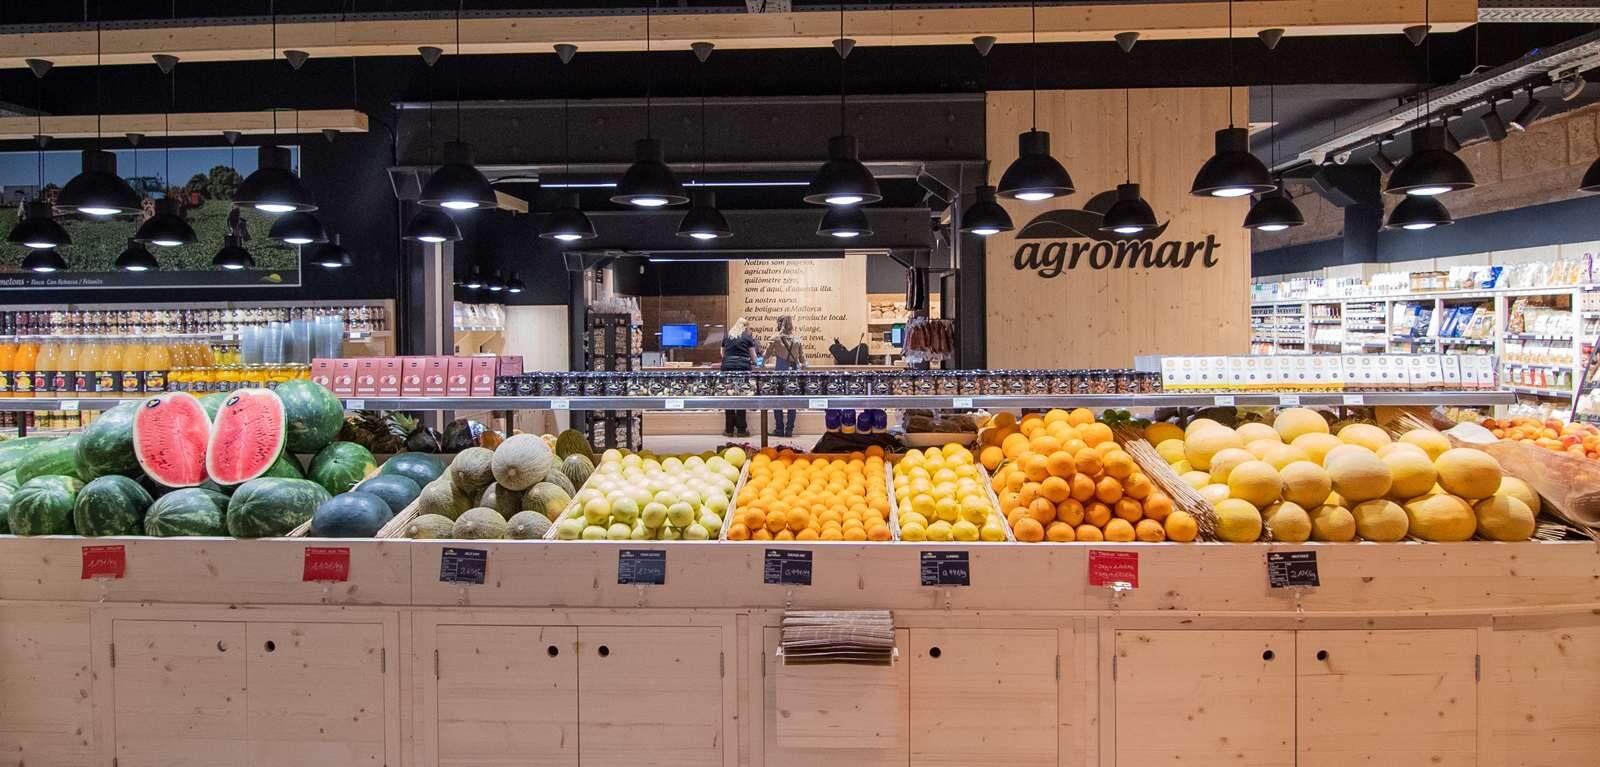 Agromart Avda. Portugal Palma